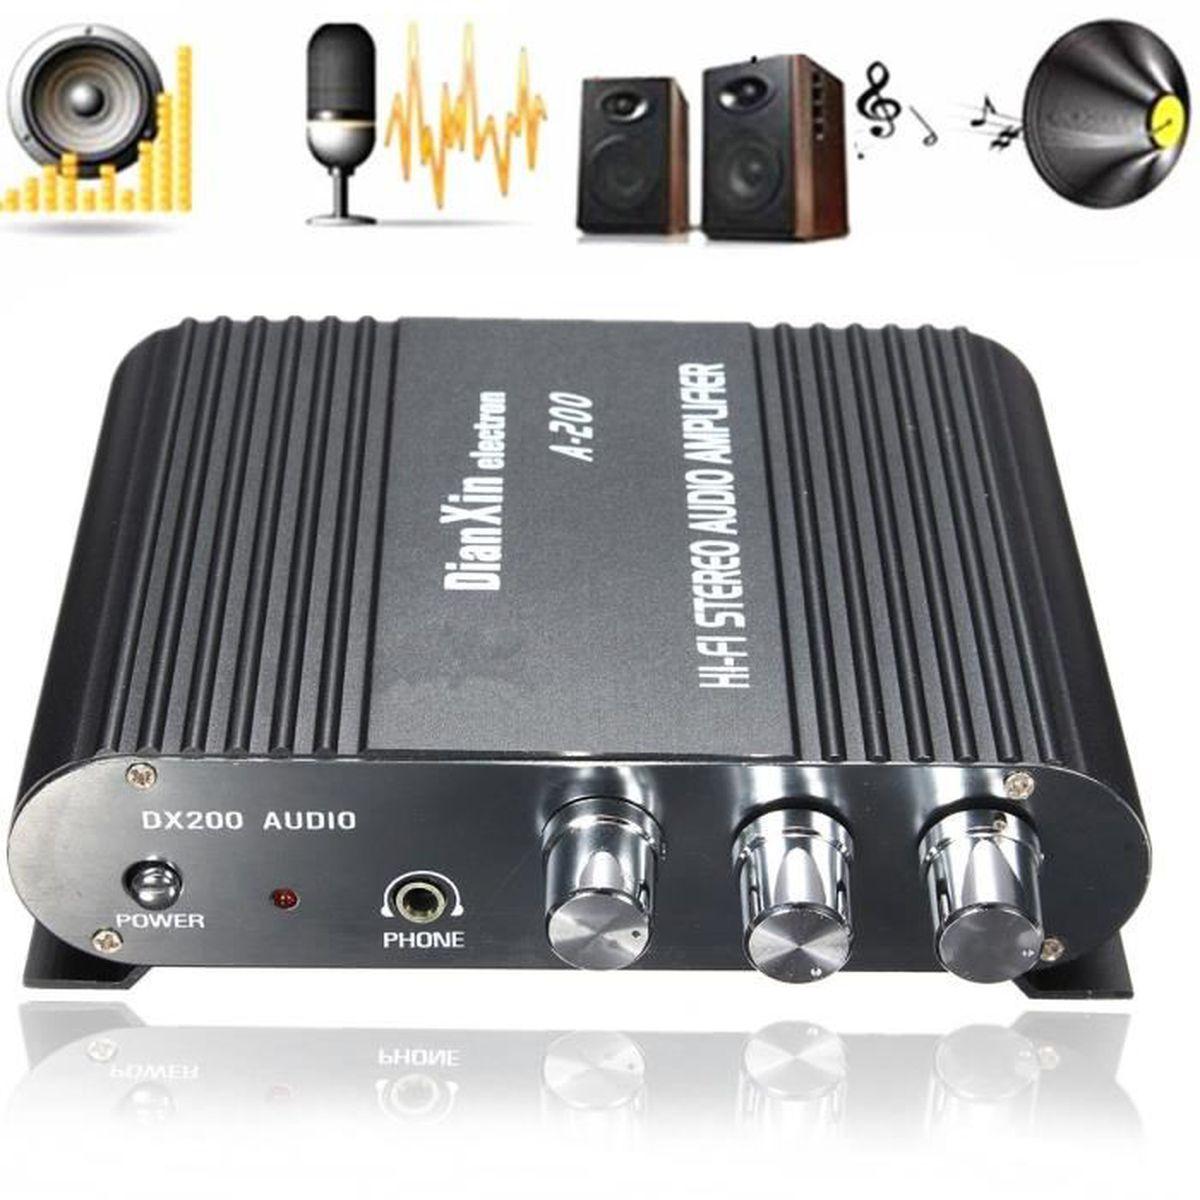 20m qualit haut parleur bobine c ble 2x audio hifi. Black Bedroom Furniture Sets. Home Design Ideas